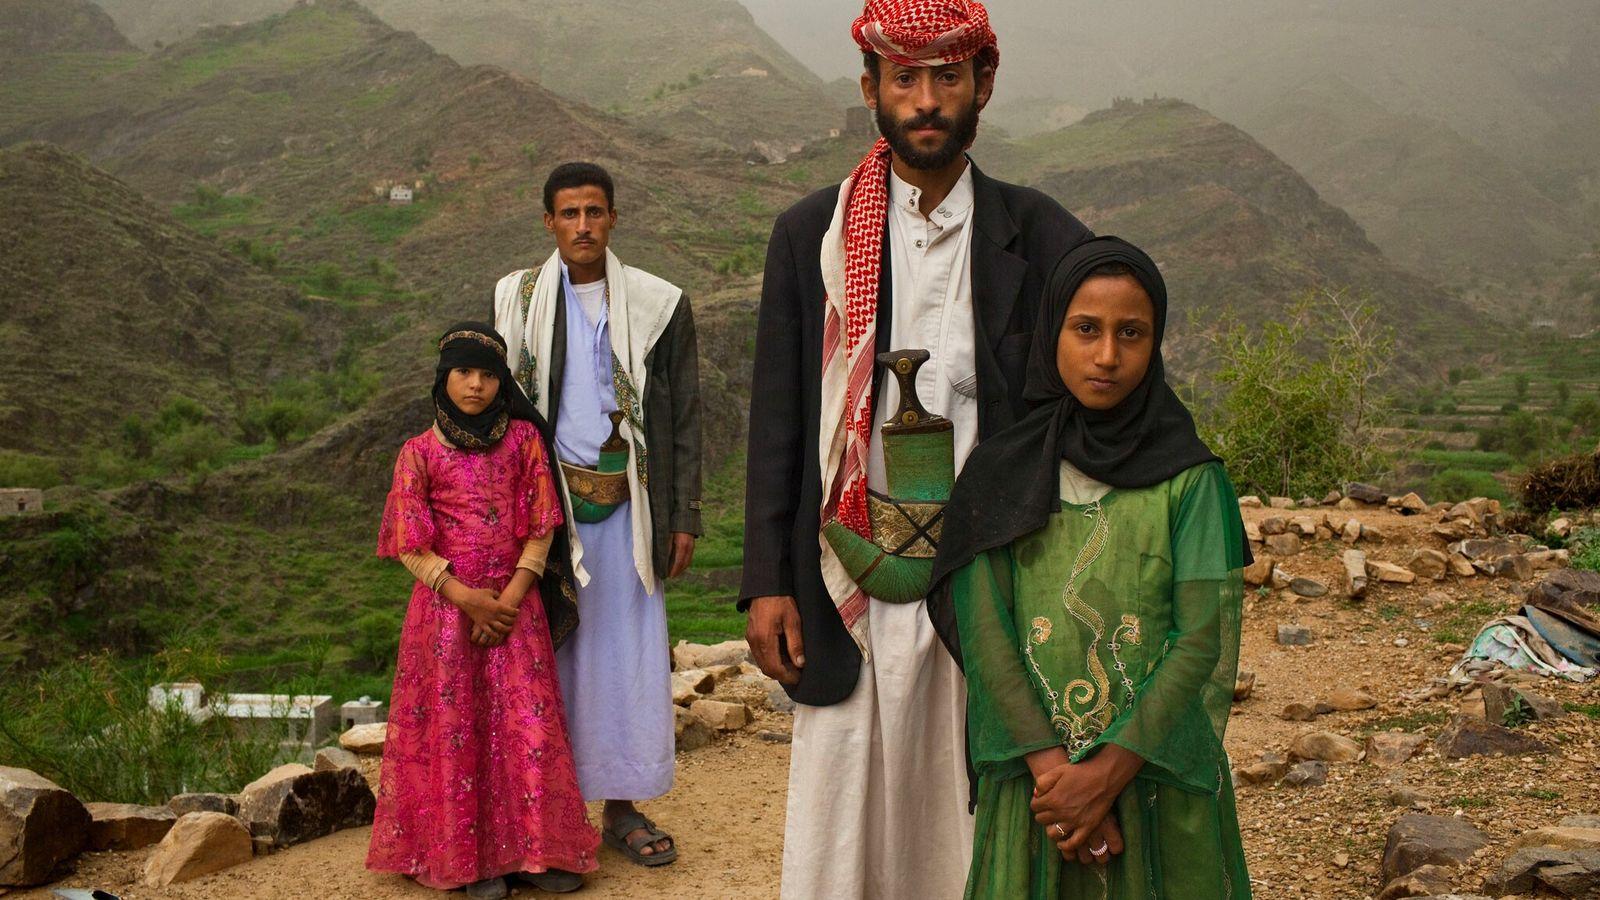 La photographe Stephanie Sinclair a parcouru le monde entier pour raconter l'histoire des épouses-enfants comme Tahani. Celle-ci ...